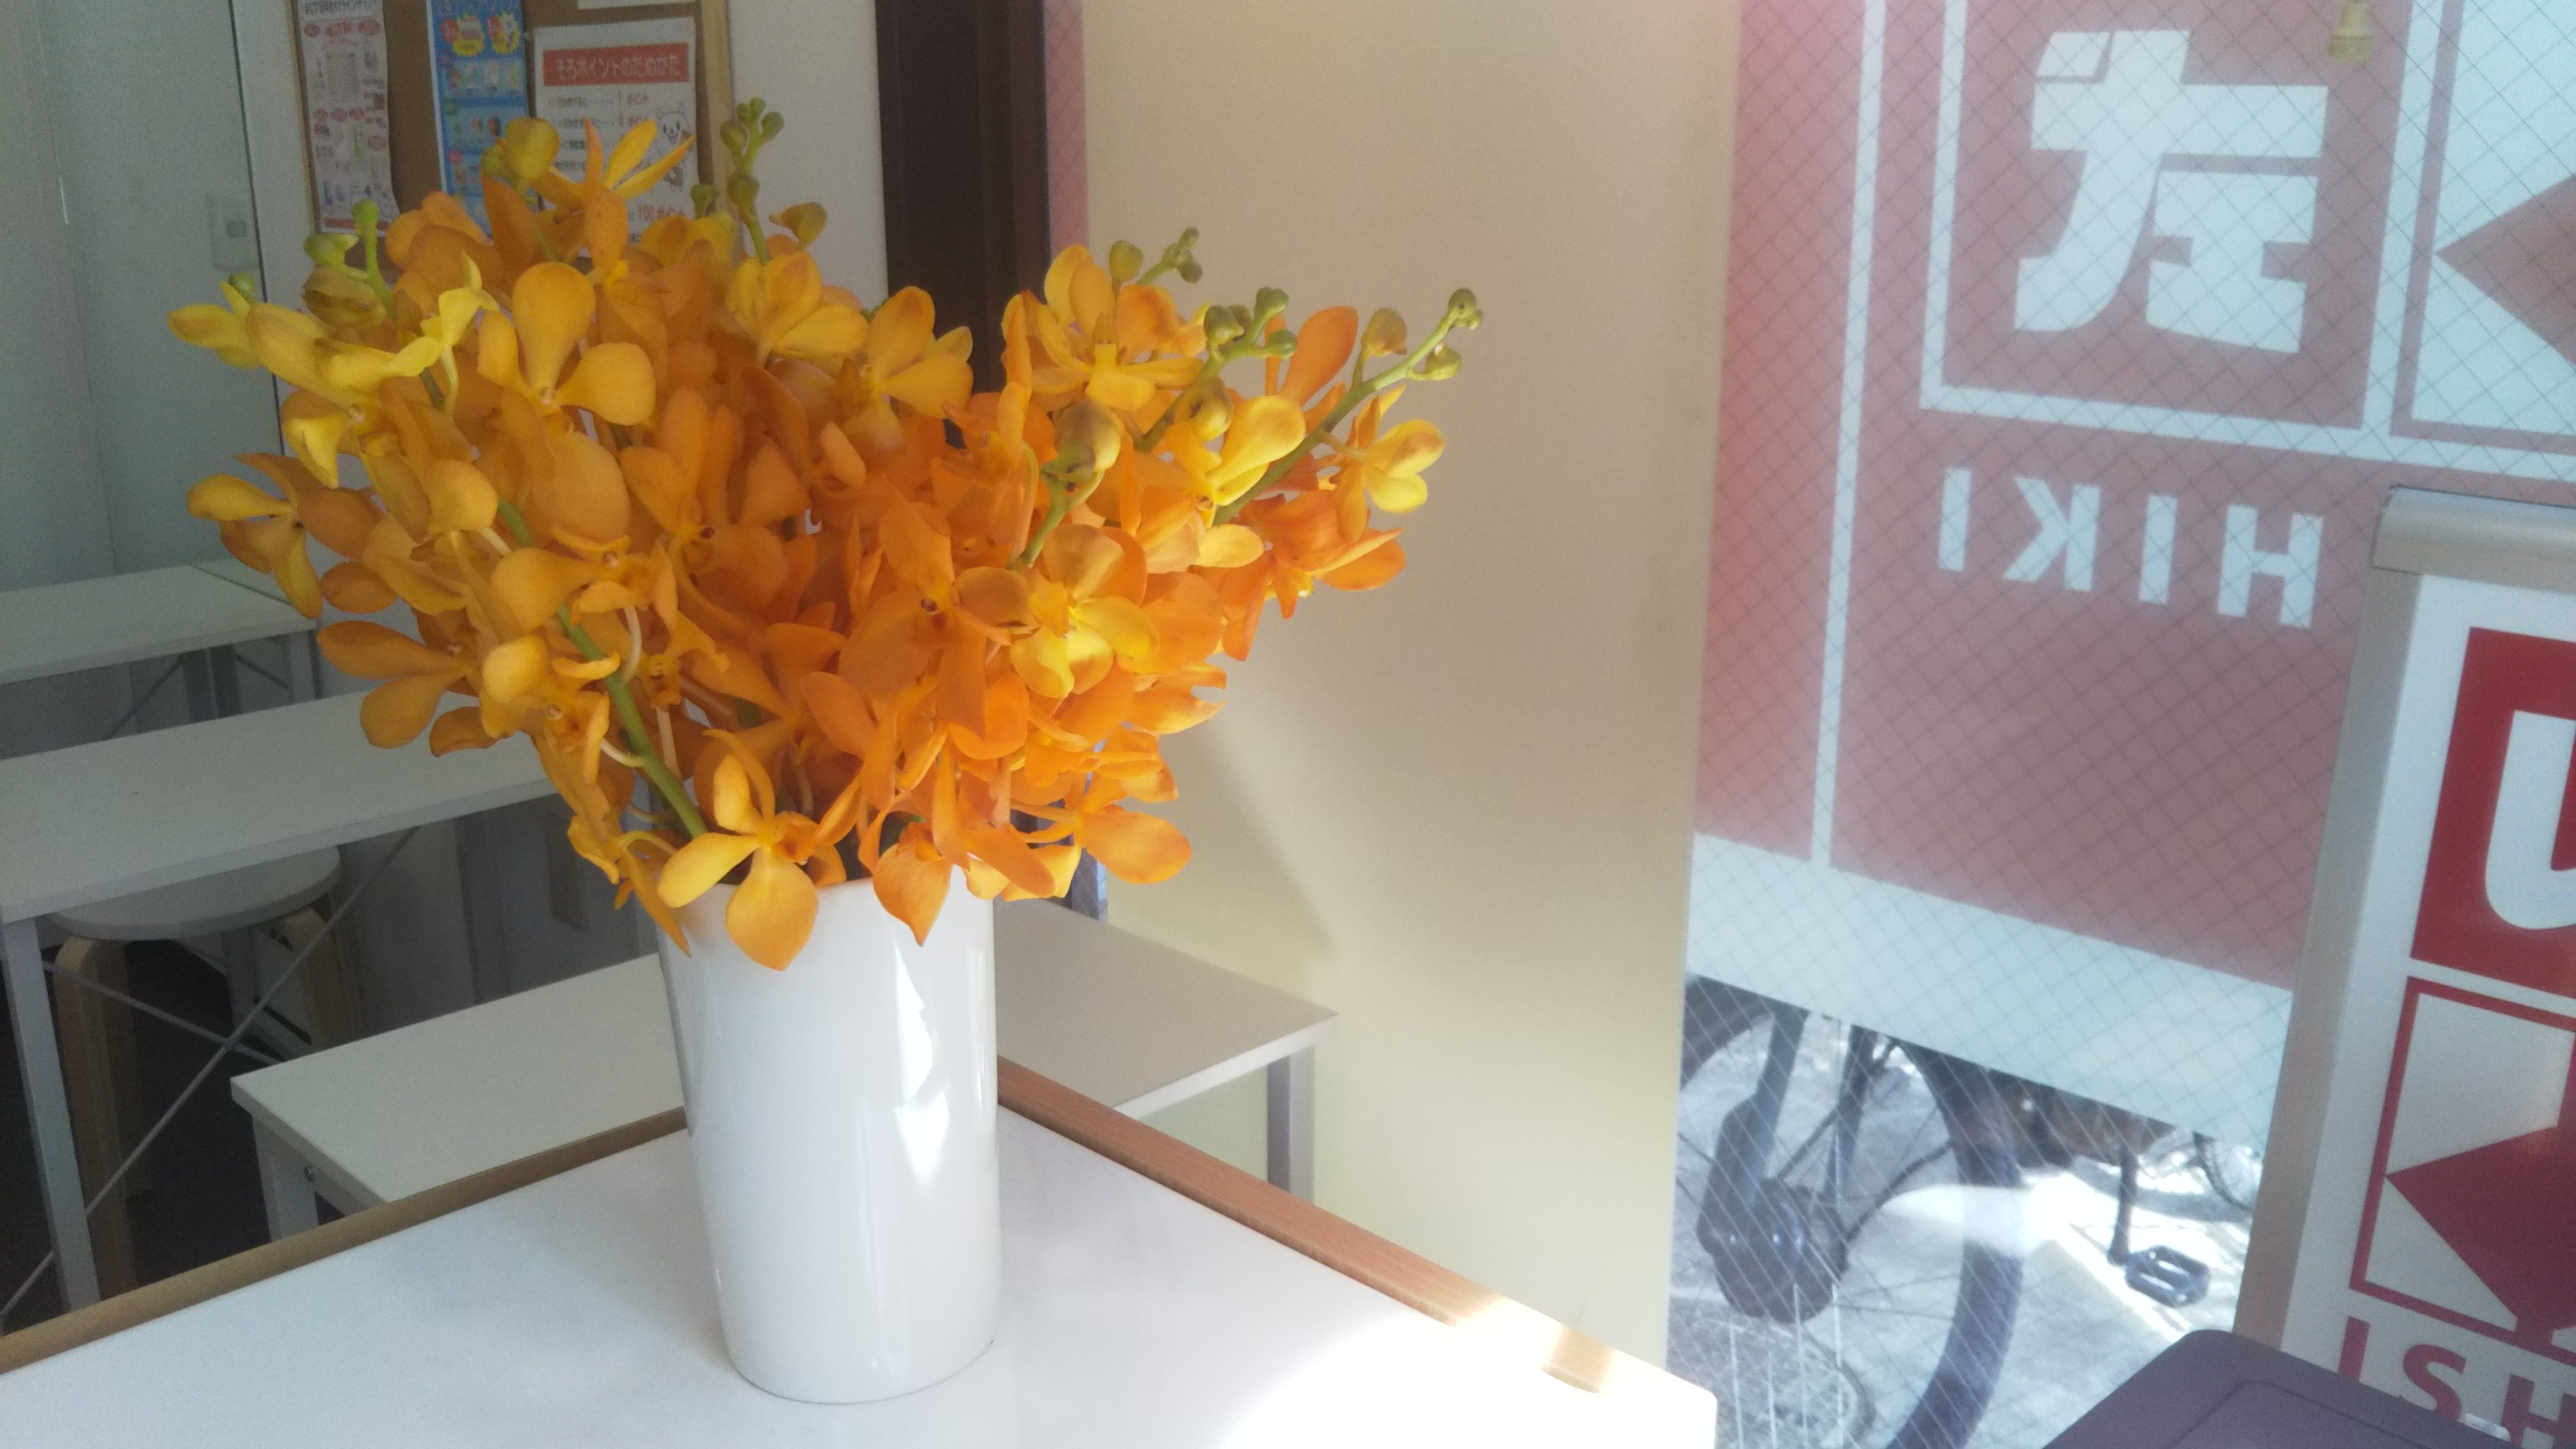 思いがけない花束の贈り物に癒しをいただきました^^